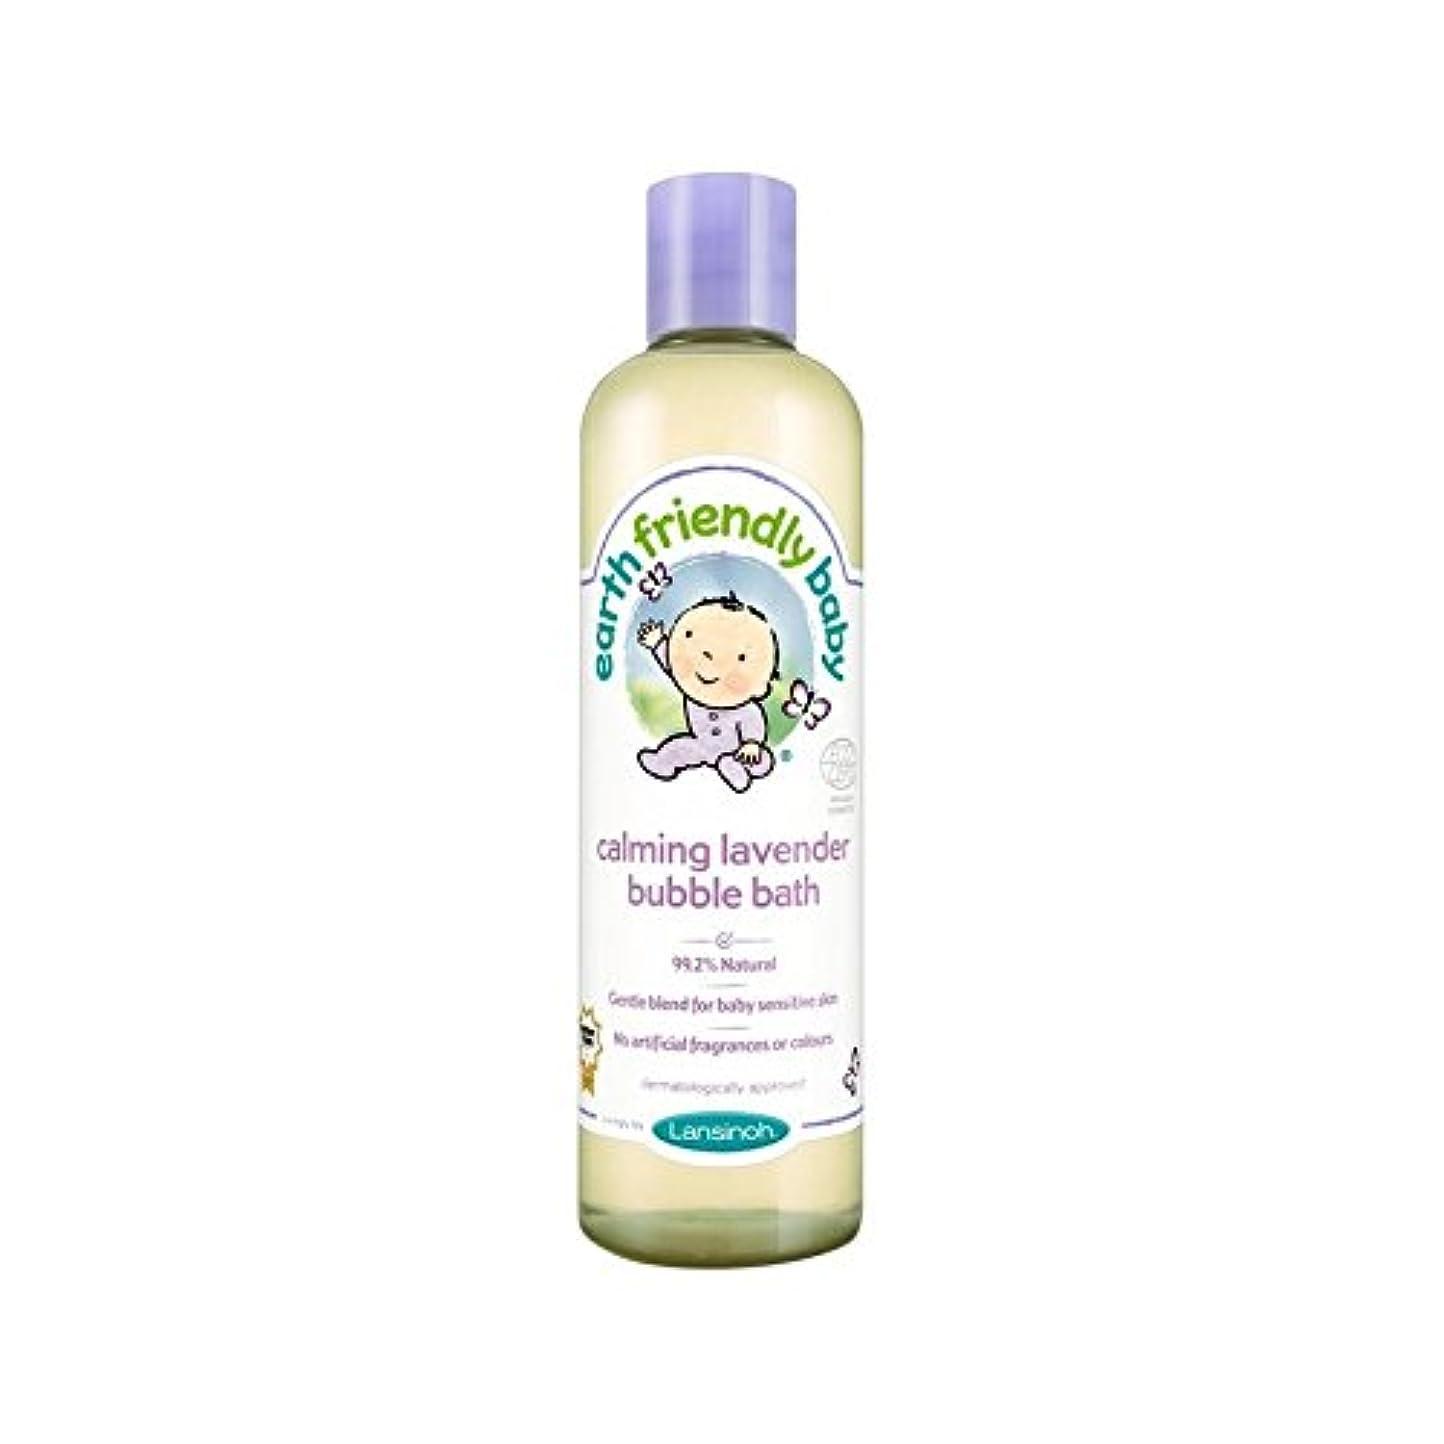 セットアップ殉教者マグ赤ちゃん沈静ラベンダー泡風呂のエコサートの300ミリリットル (Earth Friendly) - Earth Friendly Baby Calming Lavender Bubble Bath ECOCERT 300ml...